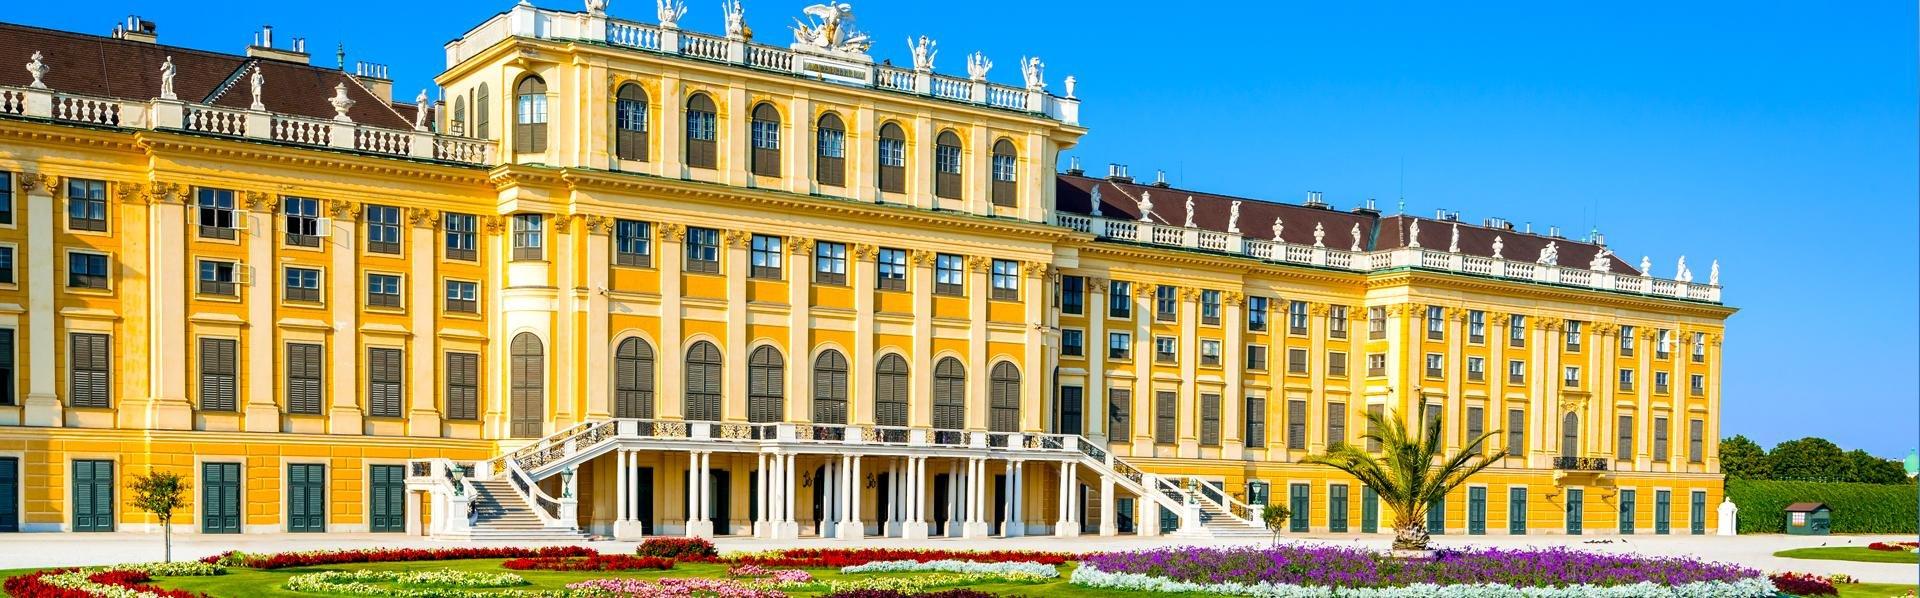 Schönbrunn in Wenen, Oostenrijk